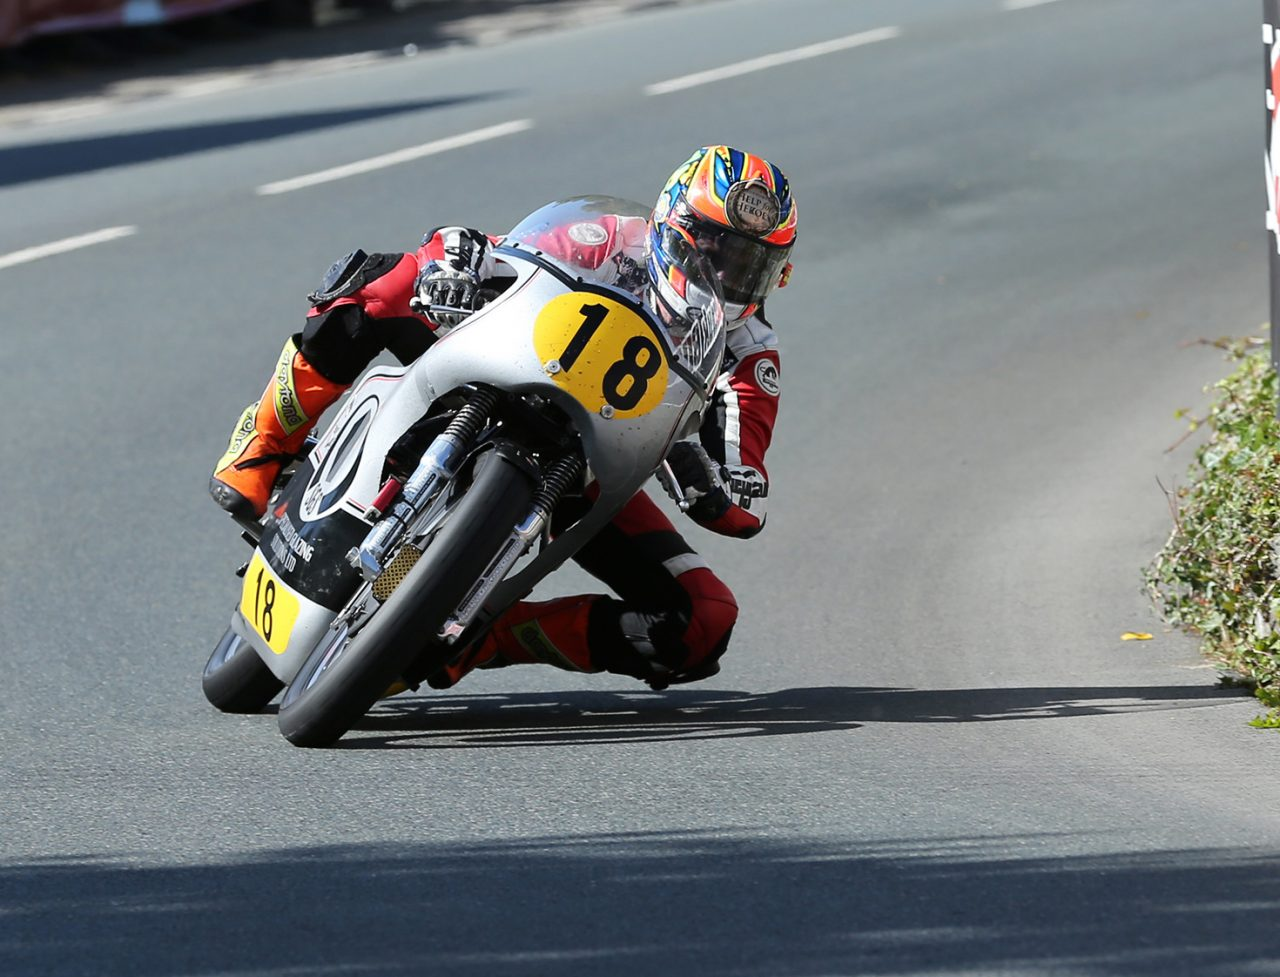 Dan Cooper at Classic TT 2014